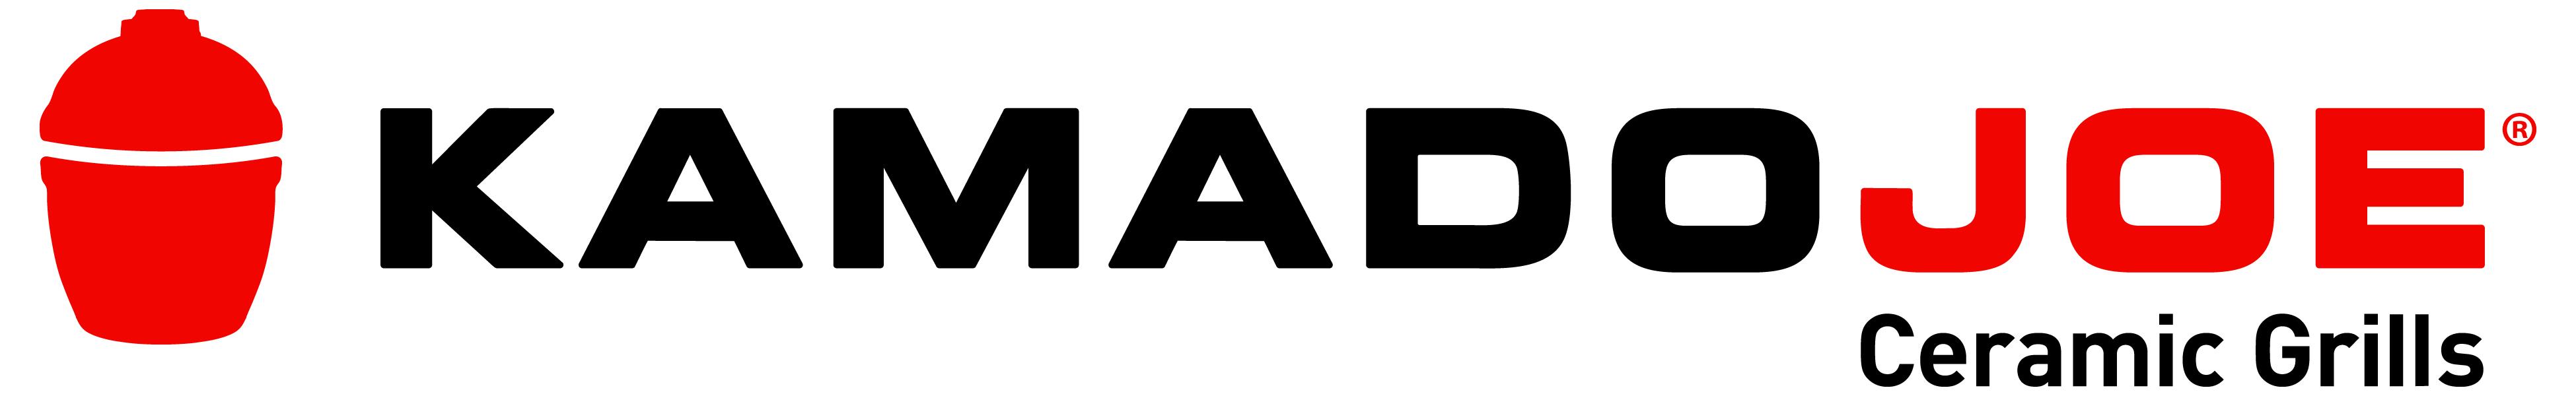 kjo-logo.jpg